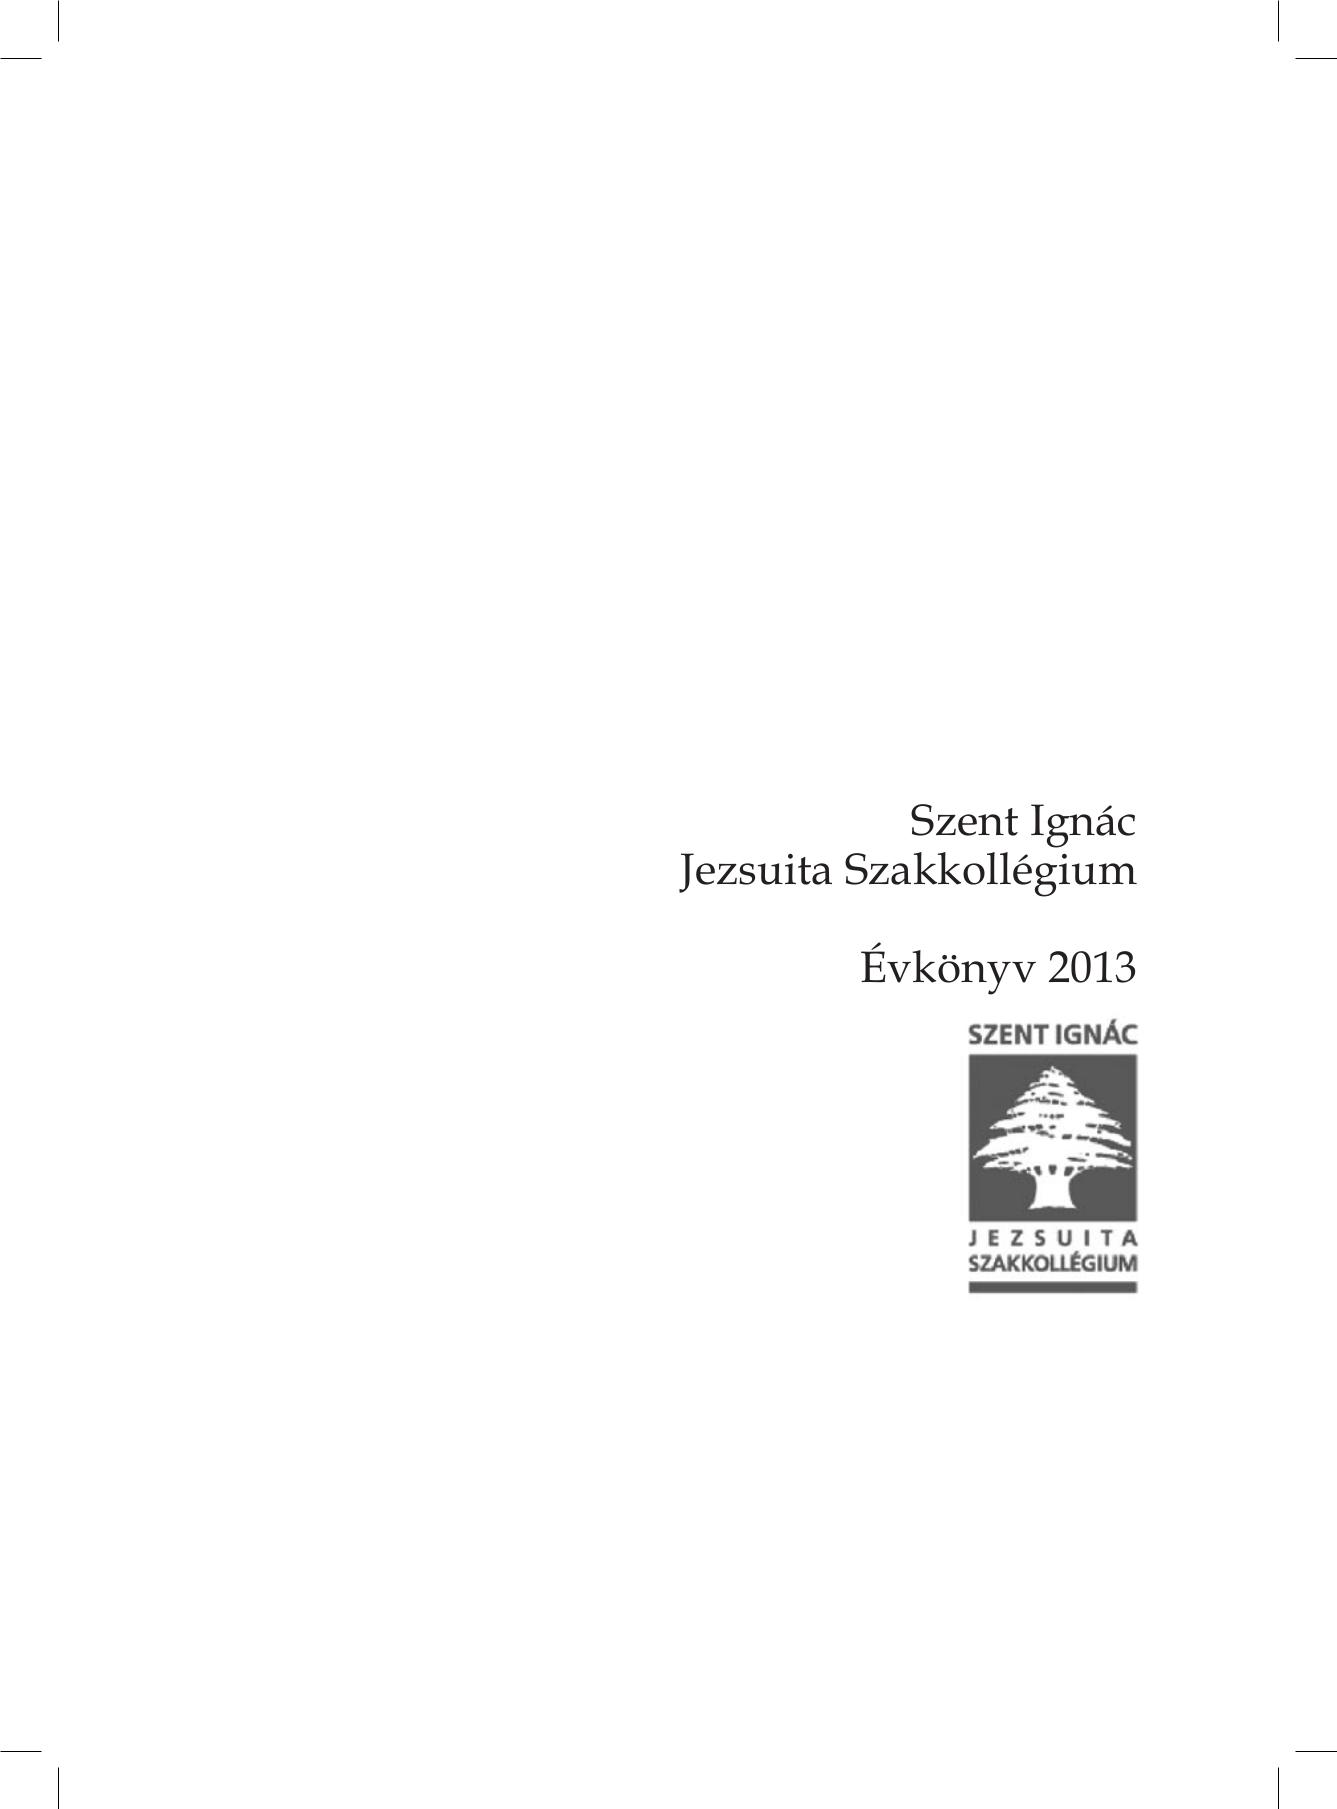 Szent Ignác Jezsuita Szakkollégium évkönyve 2013